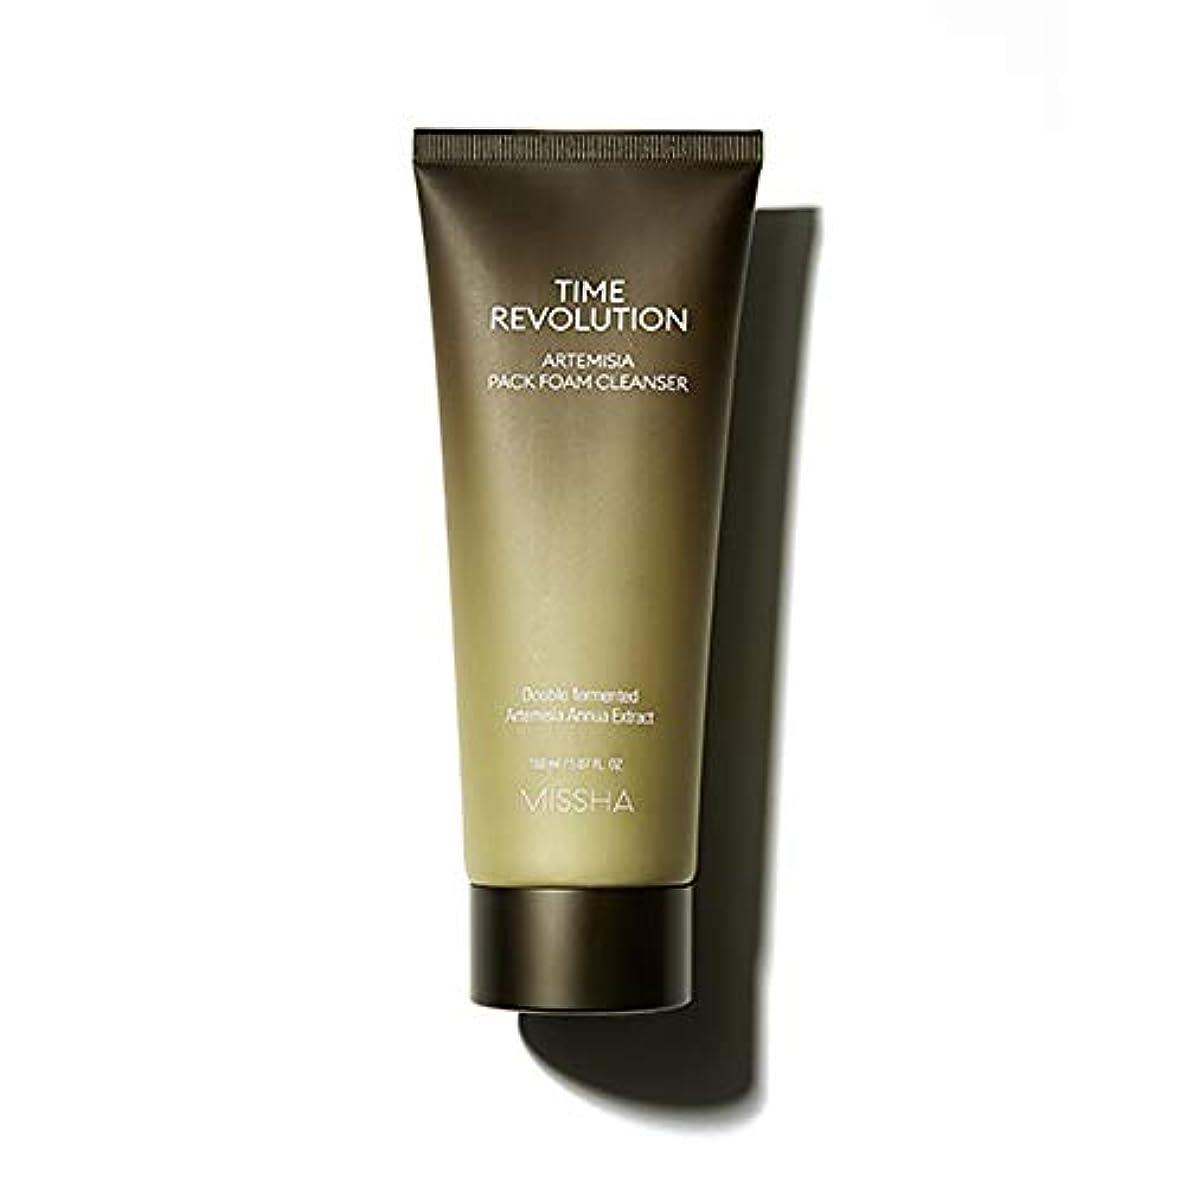 例スペシャリスト感謝しているMissha Time Revolution Artemisia Pack Foam Cleanser 150ml ミシャ タイム レボリューション アルテミシア パック ィー フォームクレンザー [並行輸入品]